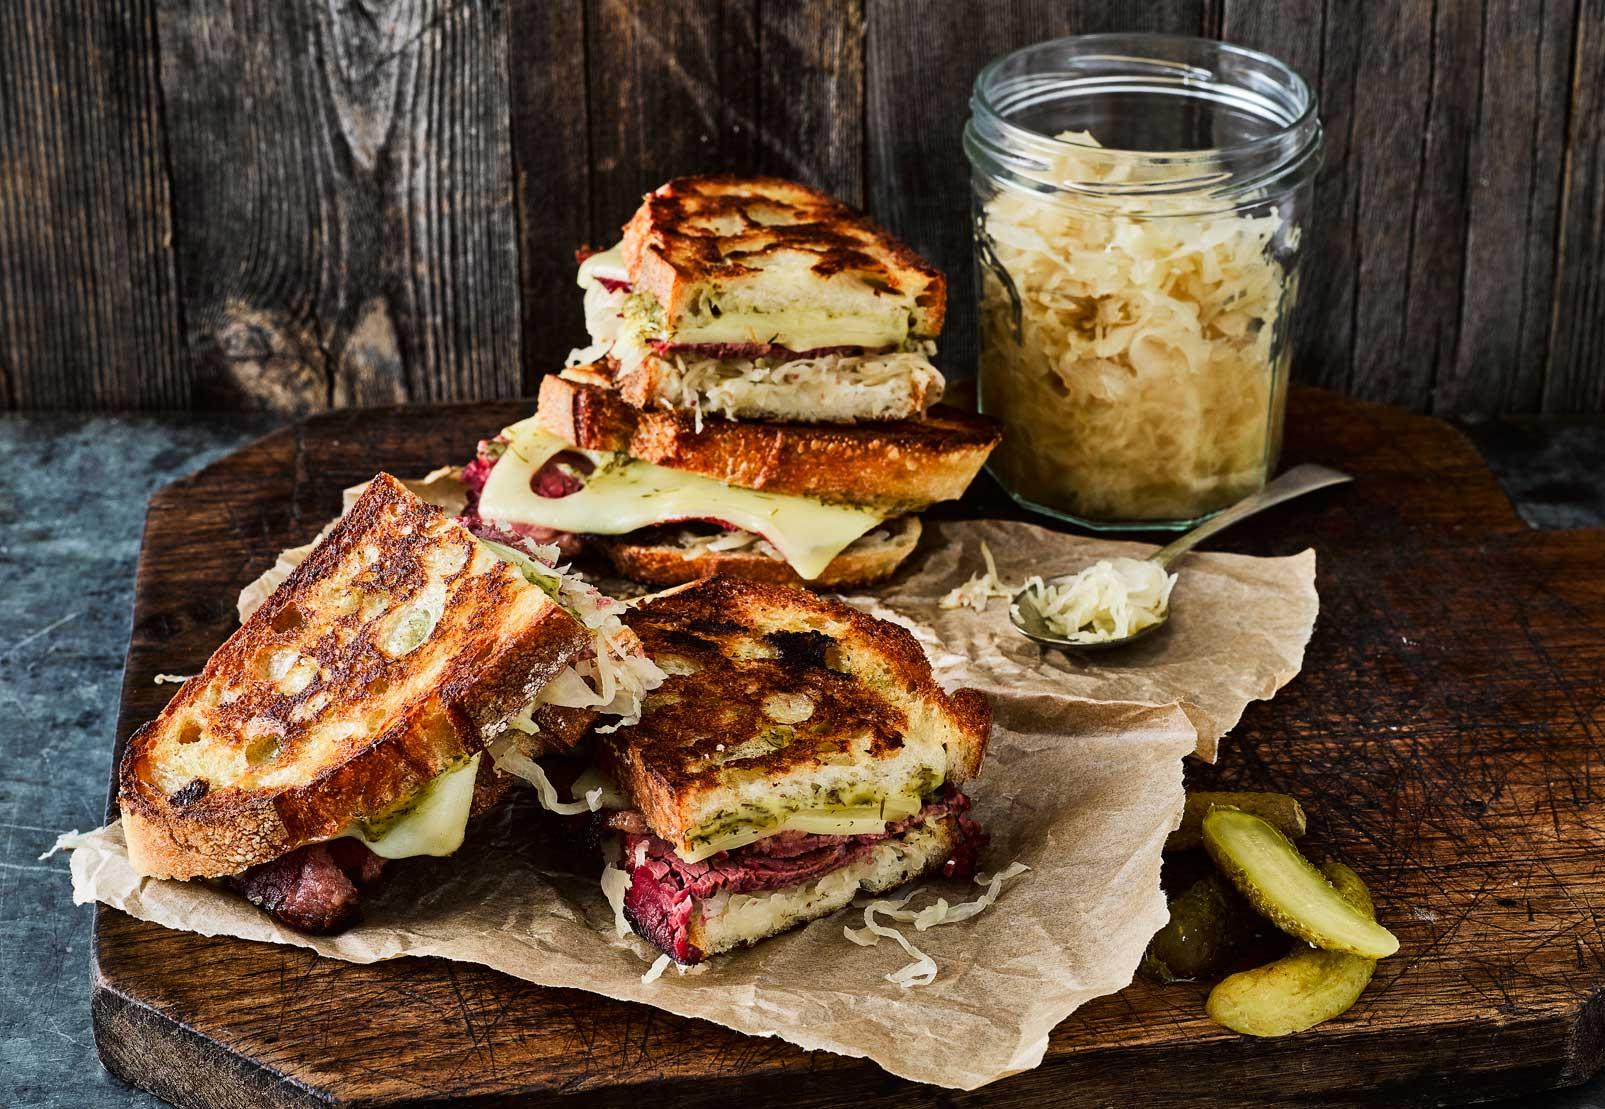 Sourdough-Toastie-Stuffed-with-Emmental,-Salt-Beef,-Sauerkraut-and-Dill-Mustard-Sauce.jpg